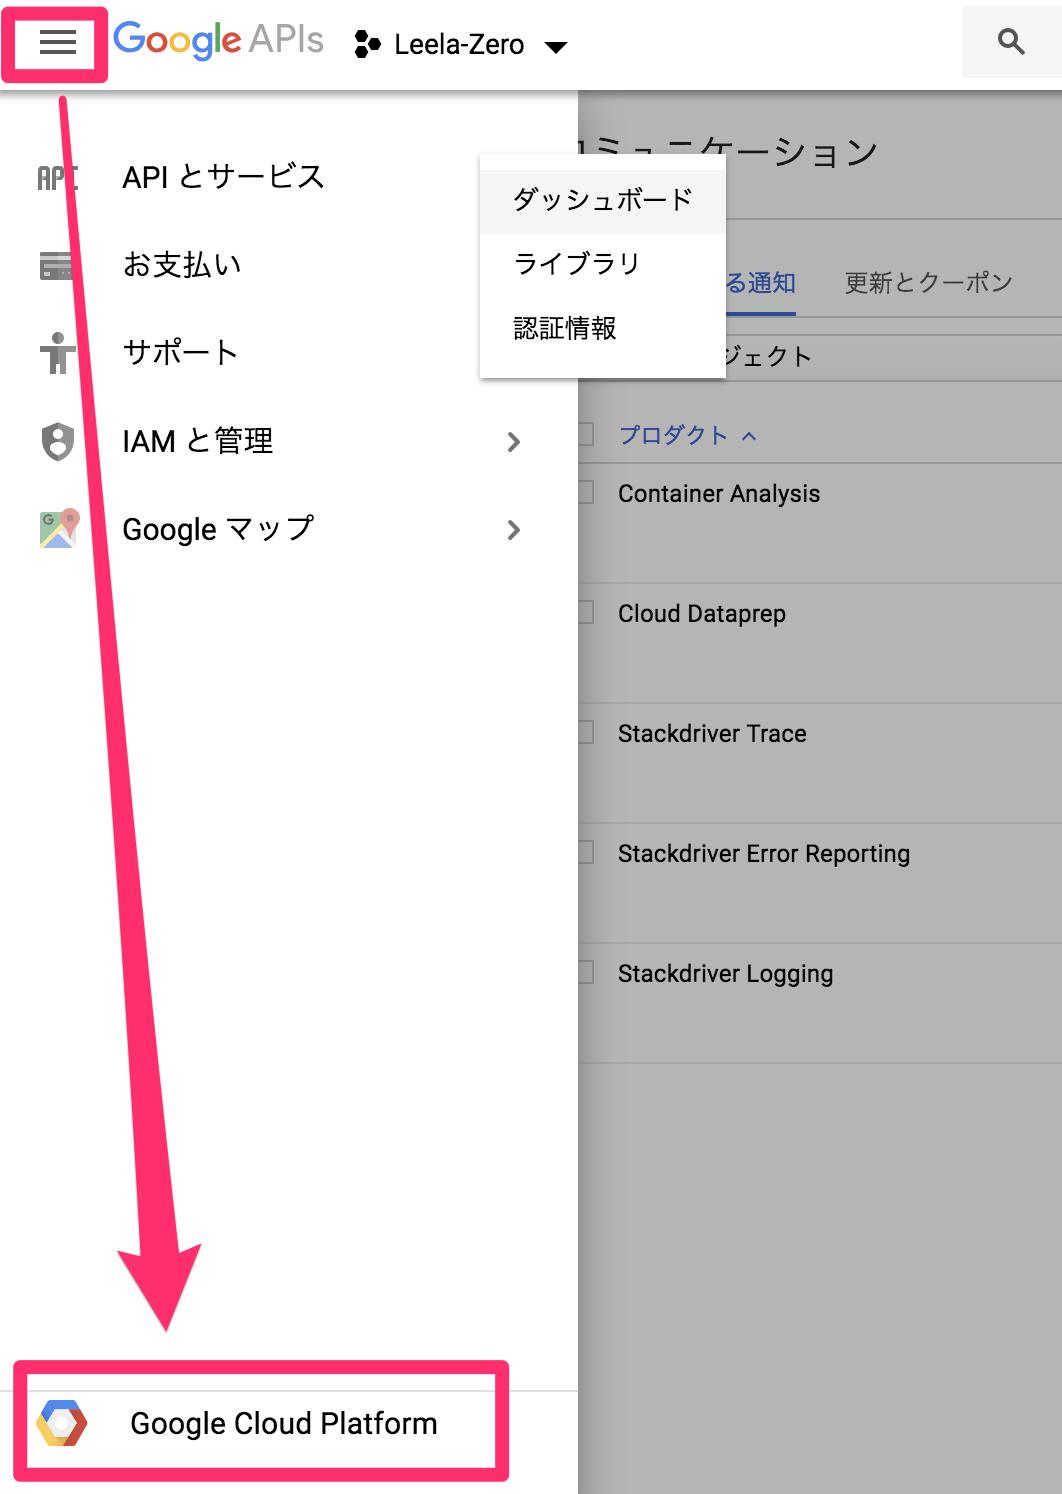 お知らせのユーザー設定_-_Leela-Zero_-_Google_API_コンソール.png